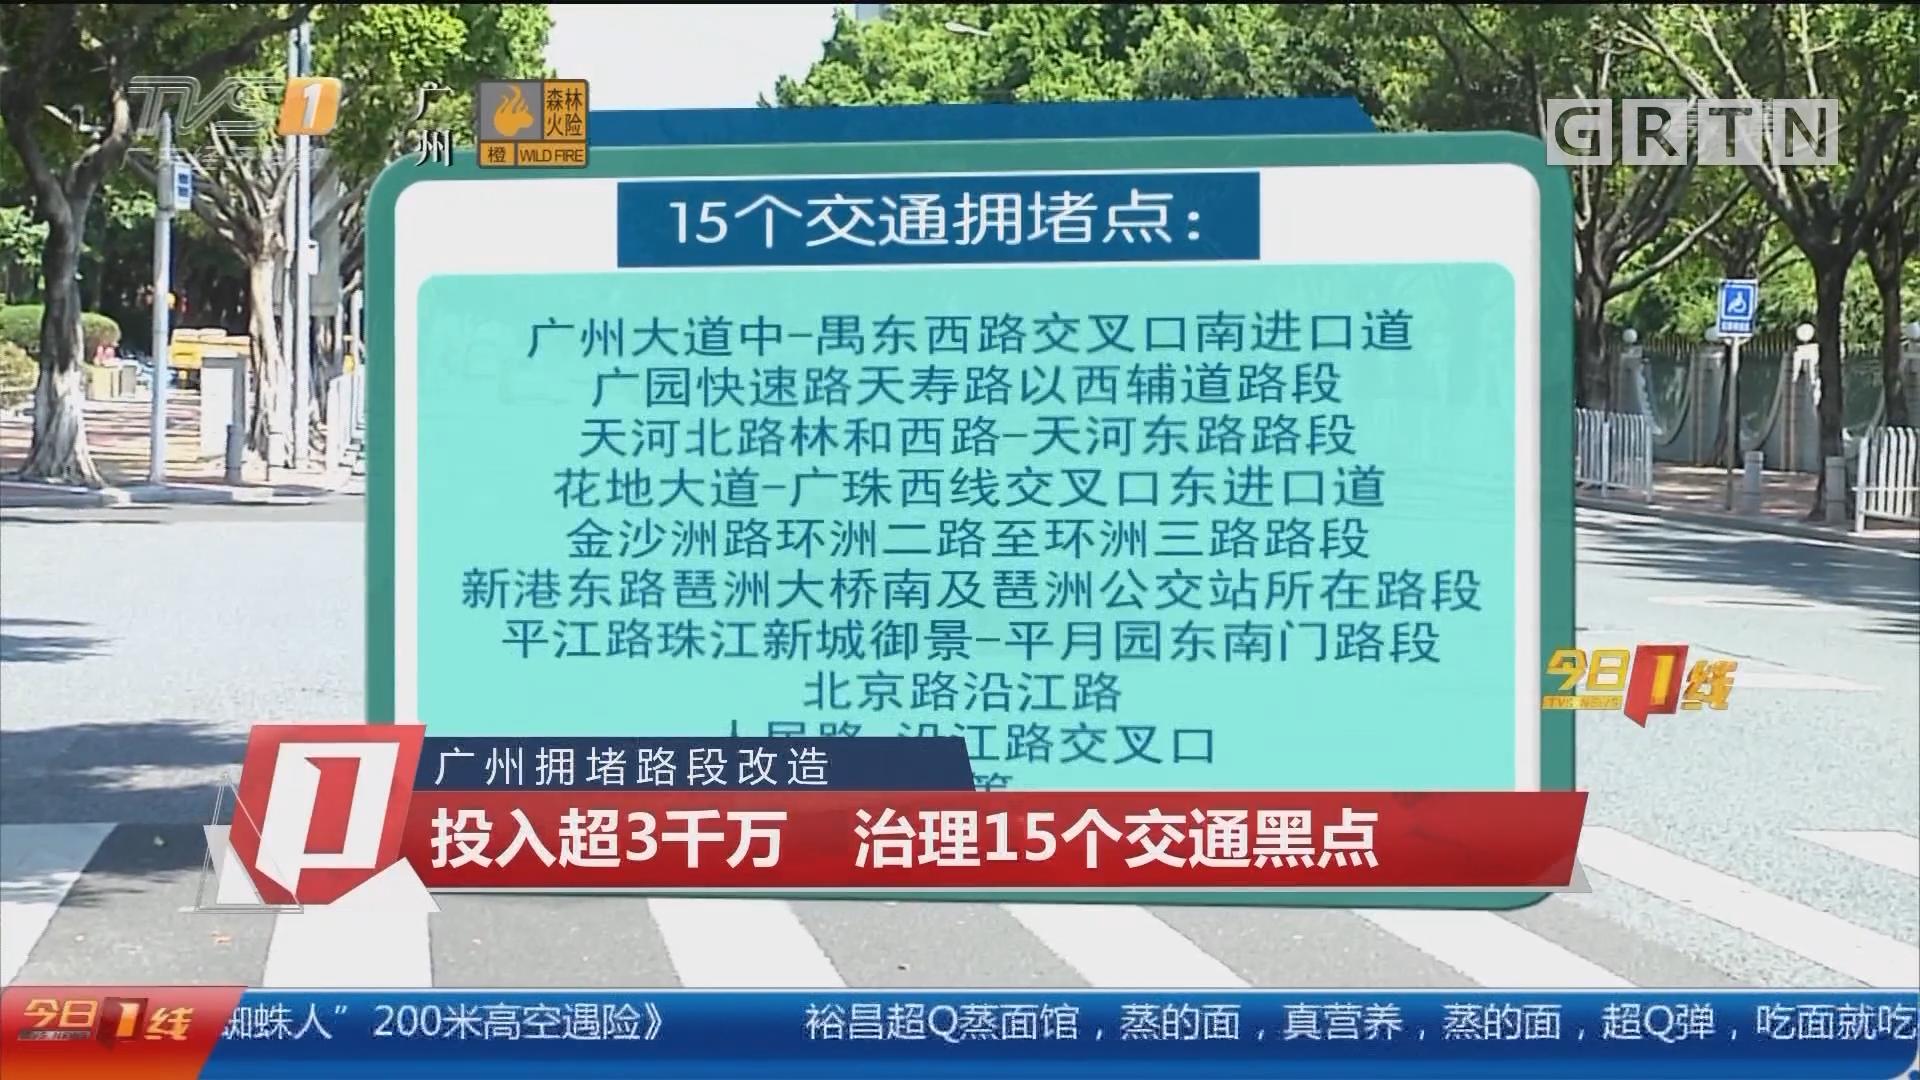 广州拥堵路段改造 投入超3千万 治理15个交通黑点